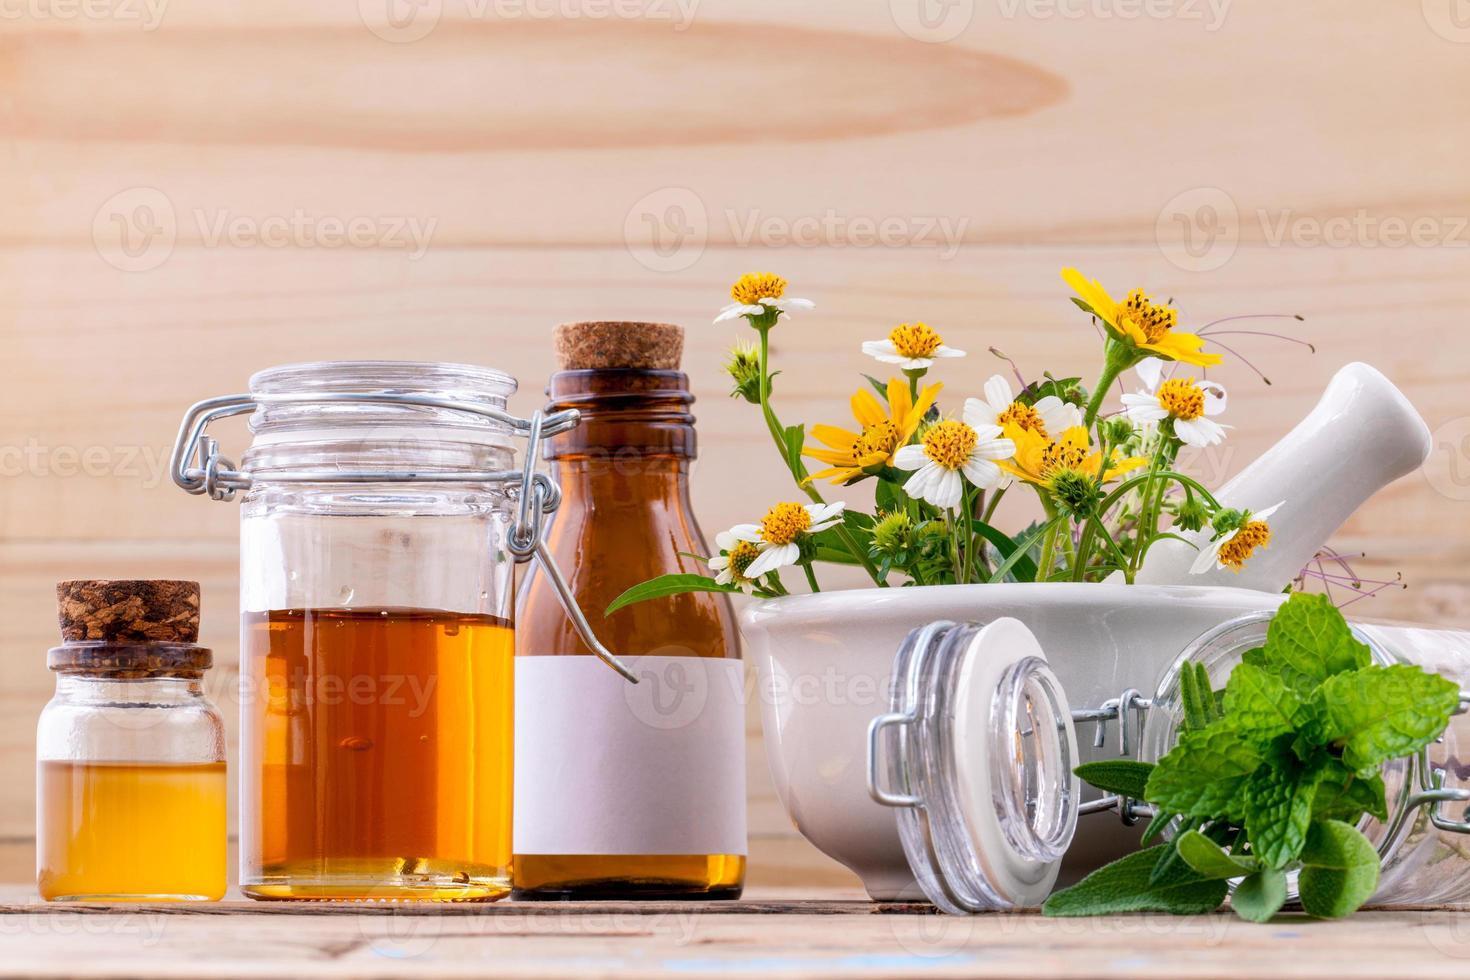 cuidado de la salud alternativo a base de hierbas frescas, miel y flores silvestres con foto